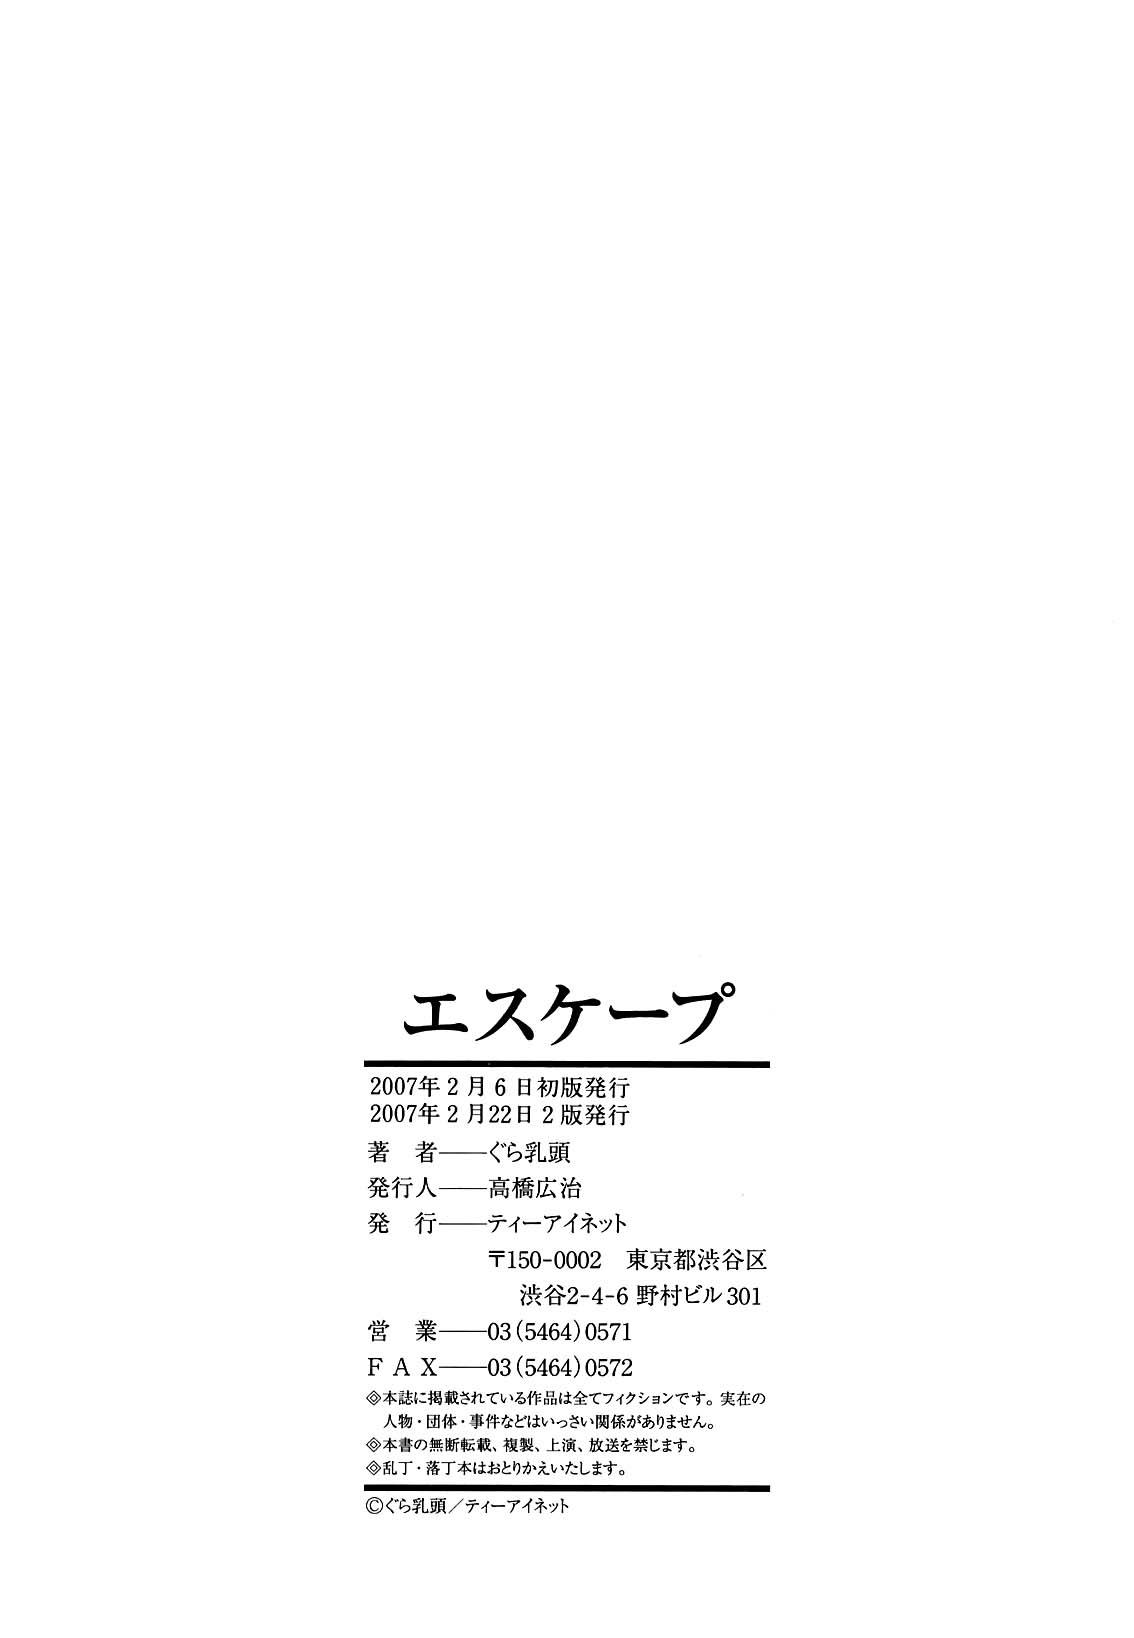 pagina_185 Use o navegador Google Chrome para leitura. Tudo mais RÁPIDO!!!!